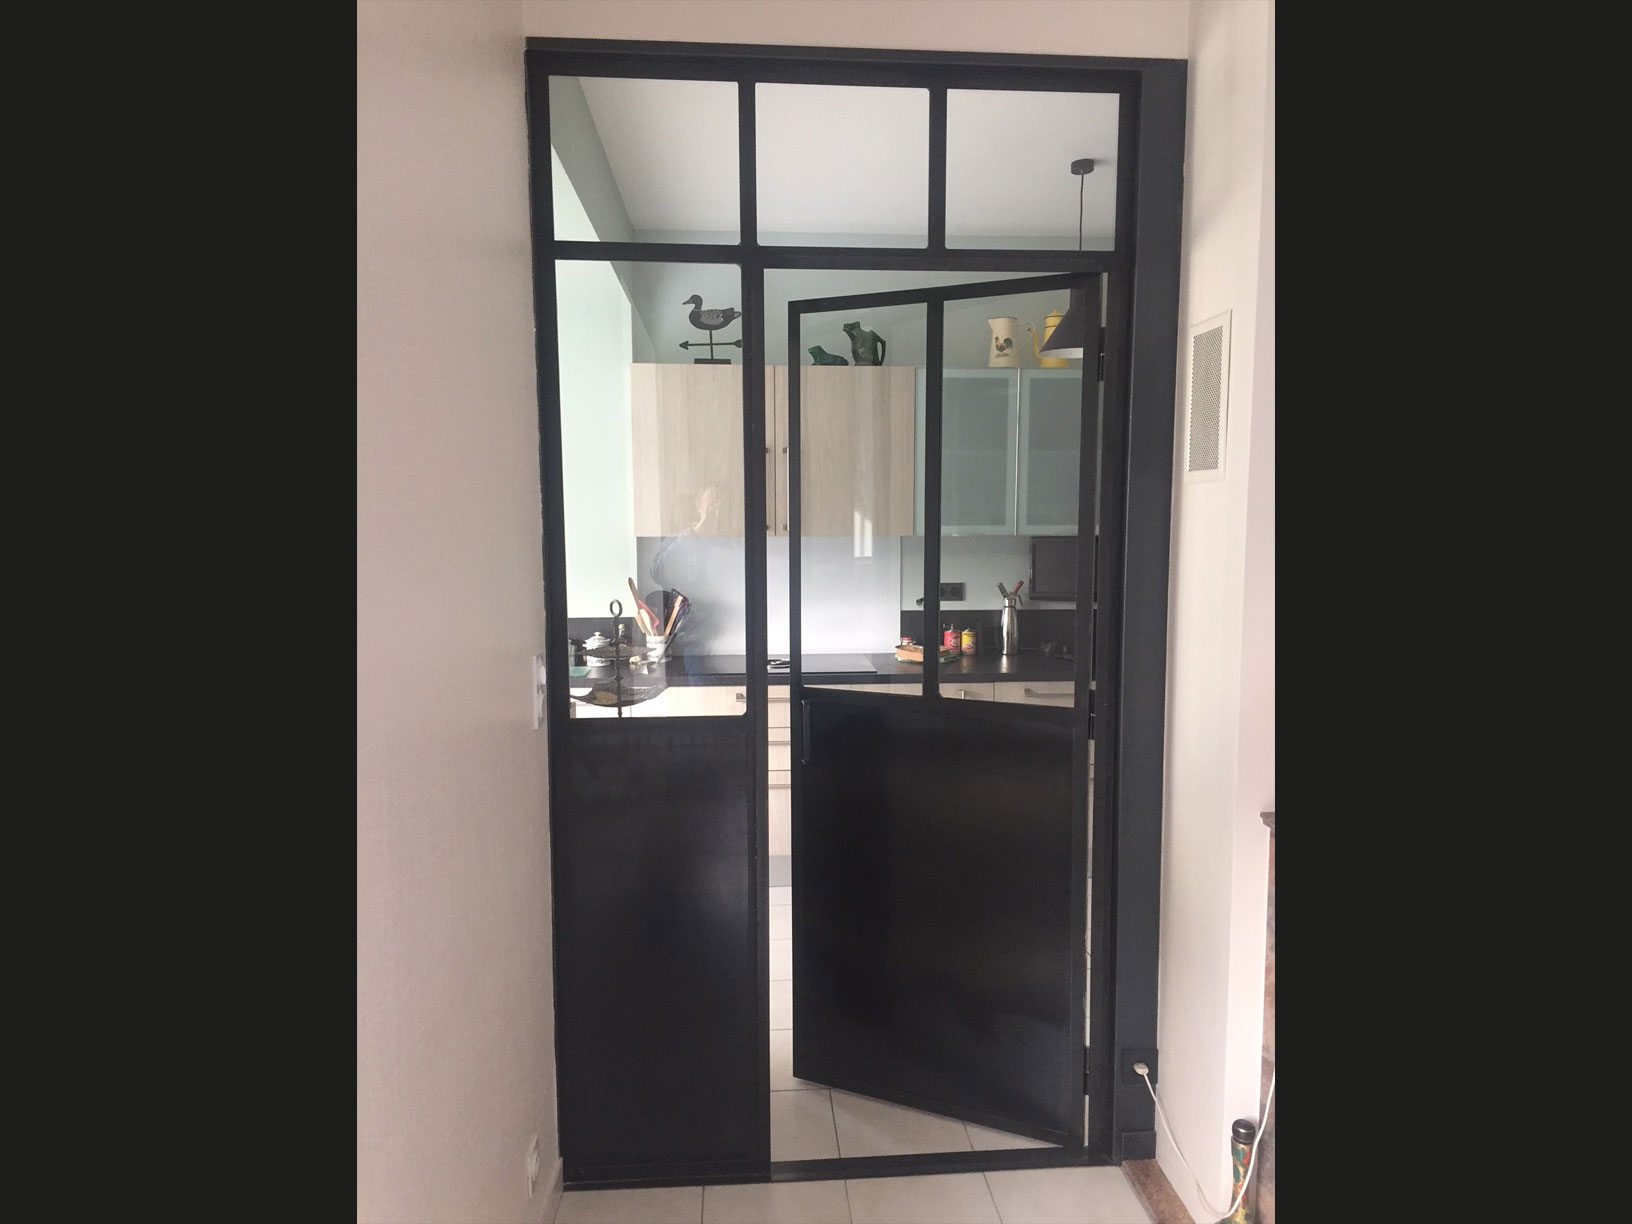 porte verri re atelier dans l 39 extension cuisine vitr 35500 cybel extension. Black Bedroom Furniture Sets. Home Design Ideas